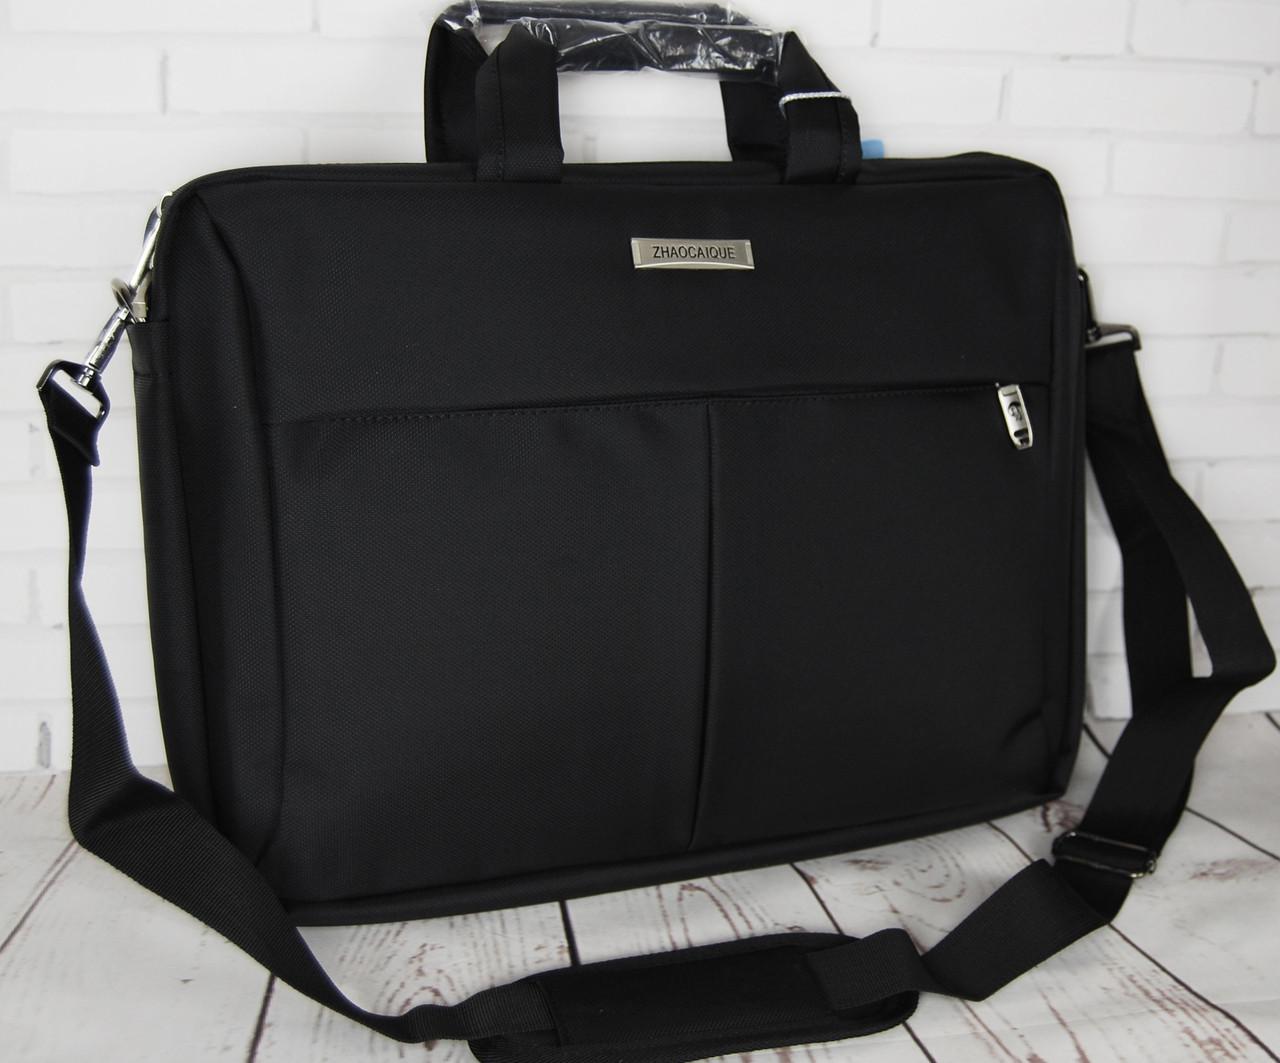 c9d348d3691c Мужская сумка- портфель. Нейлон. Отличное качество. Сумка для ноутбука,  документов.